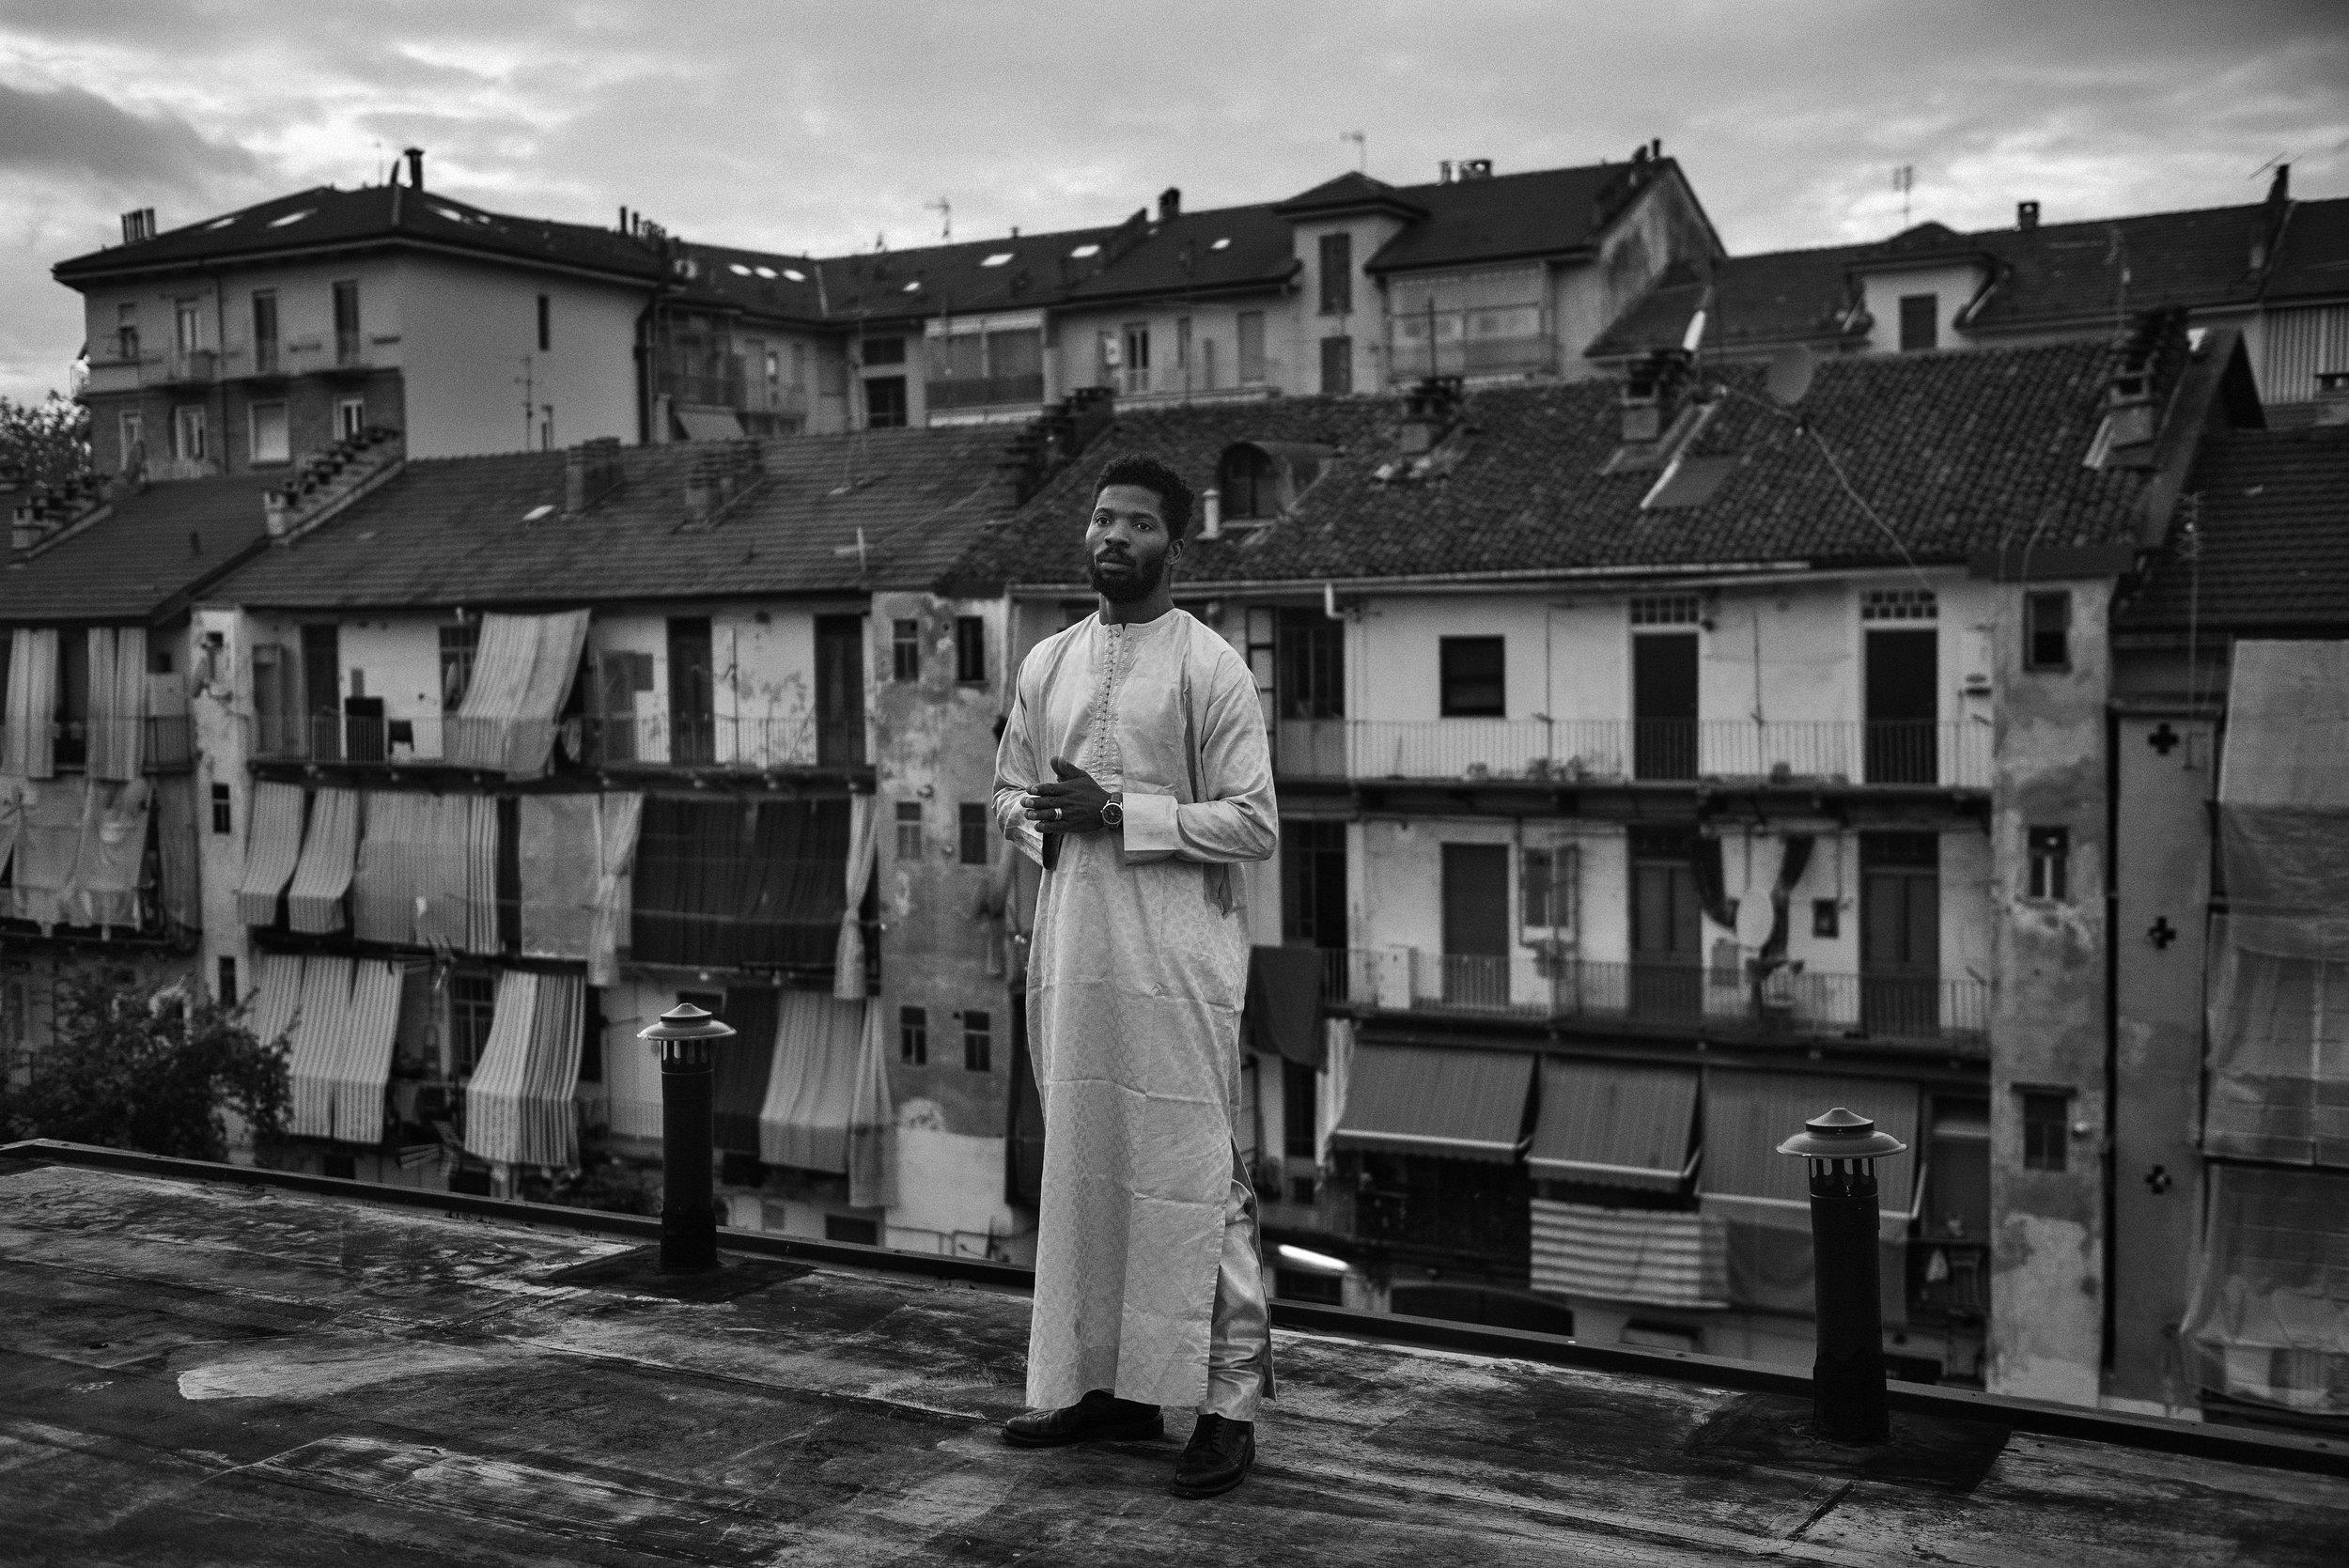 Michele Spatari,  Rising Water , 2018, Immagine digitale bianco e nero, 28,21 x 42,26 cm, courtesy © Michele Spatari